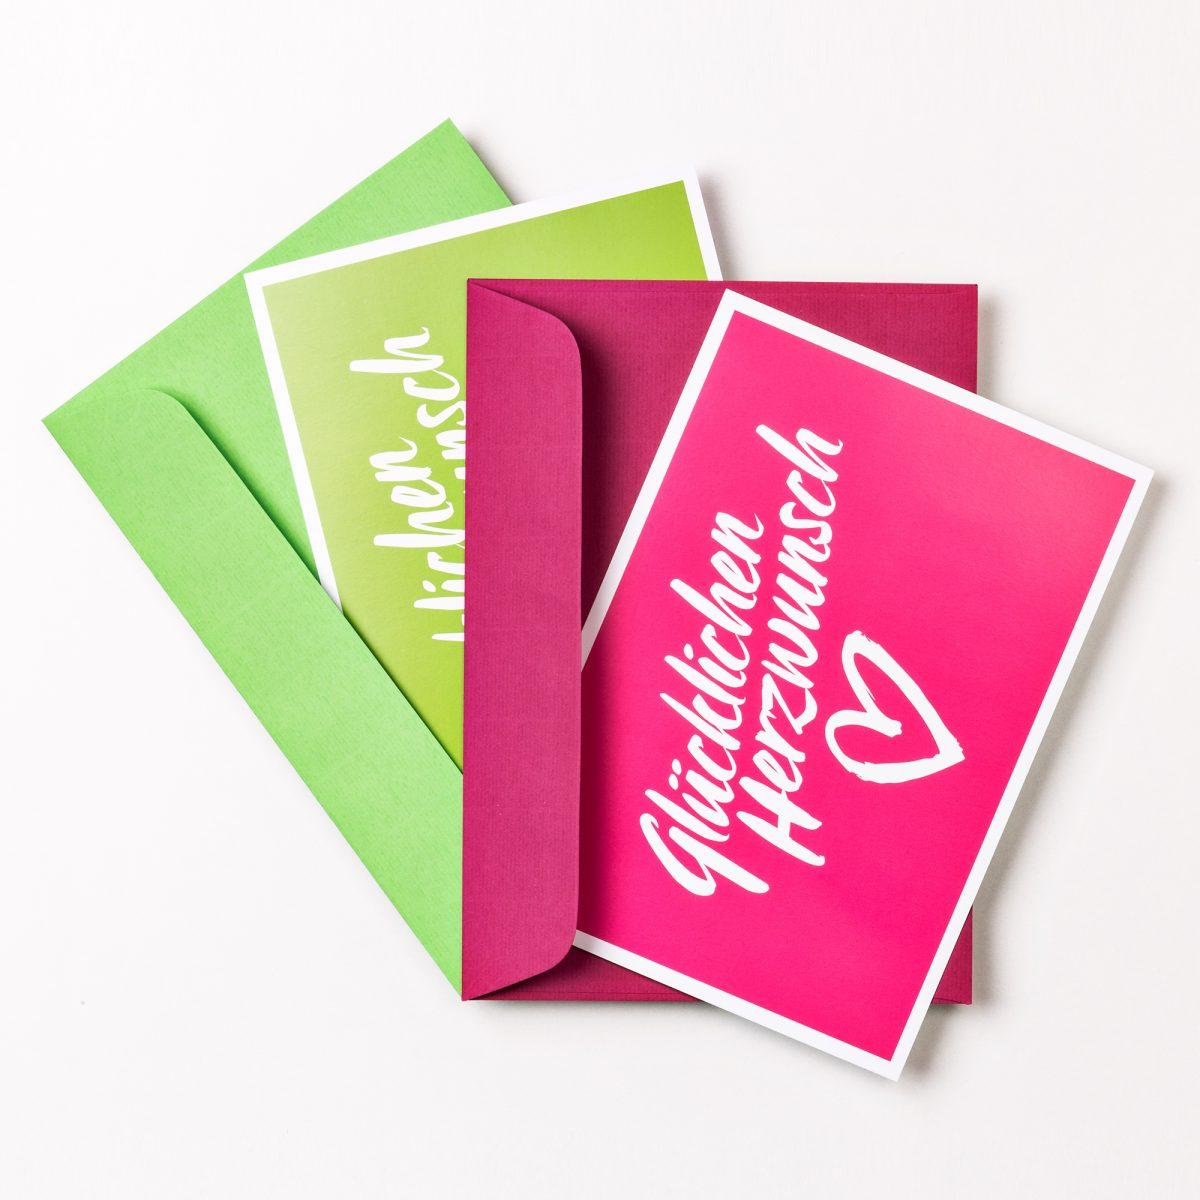 GLÜCKWUNSCHKARTE Glücklichen Herzwunsch GRÜN + PINK inkl. Umschlag Set